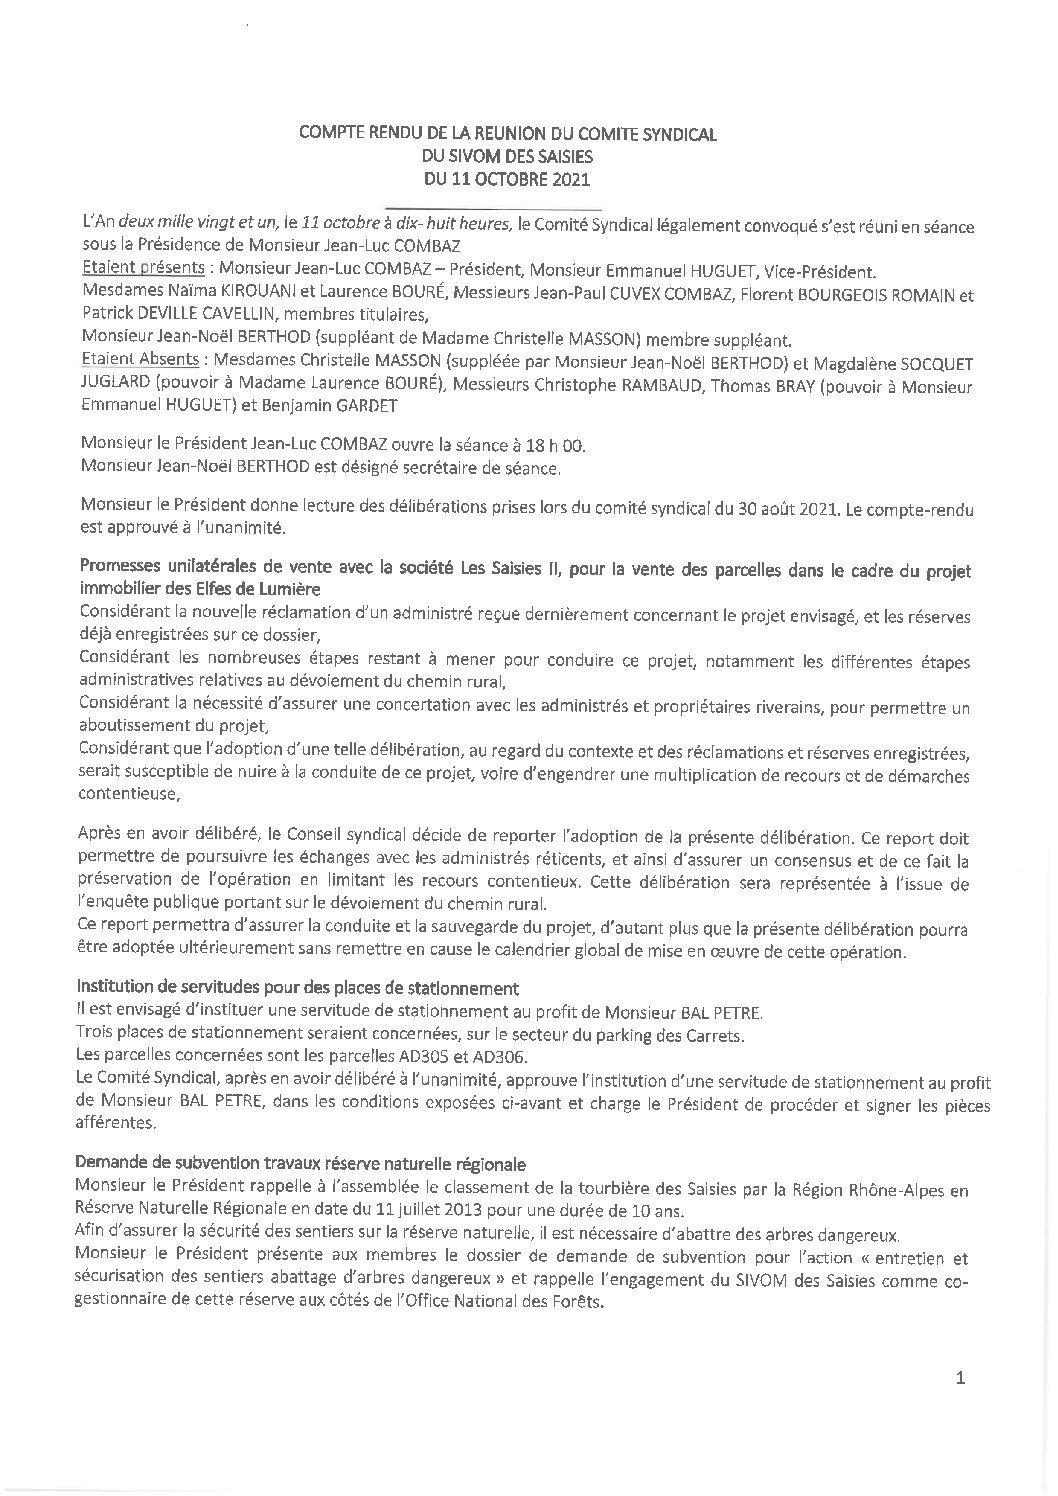 Compte-rendu du Comité Syndical du 11 octobre 2021